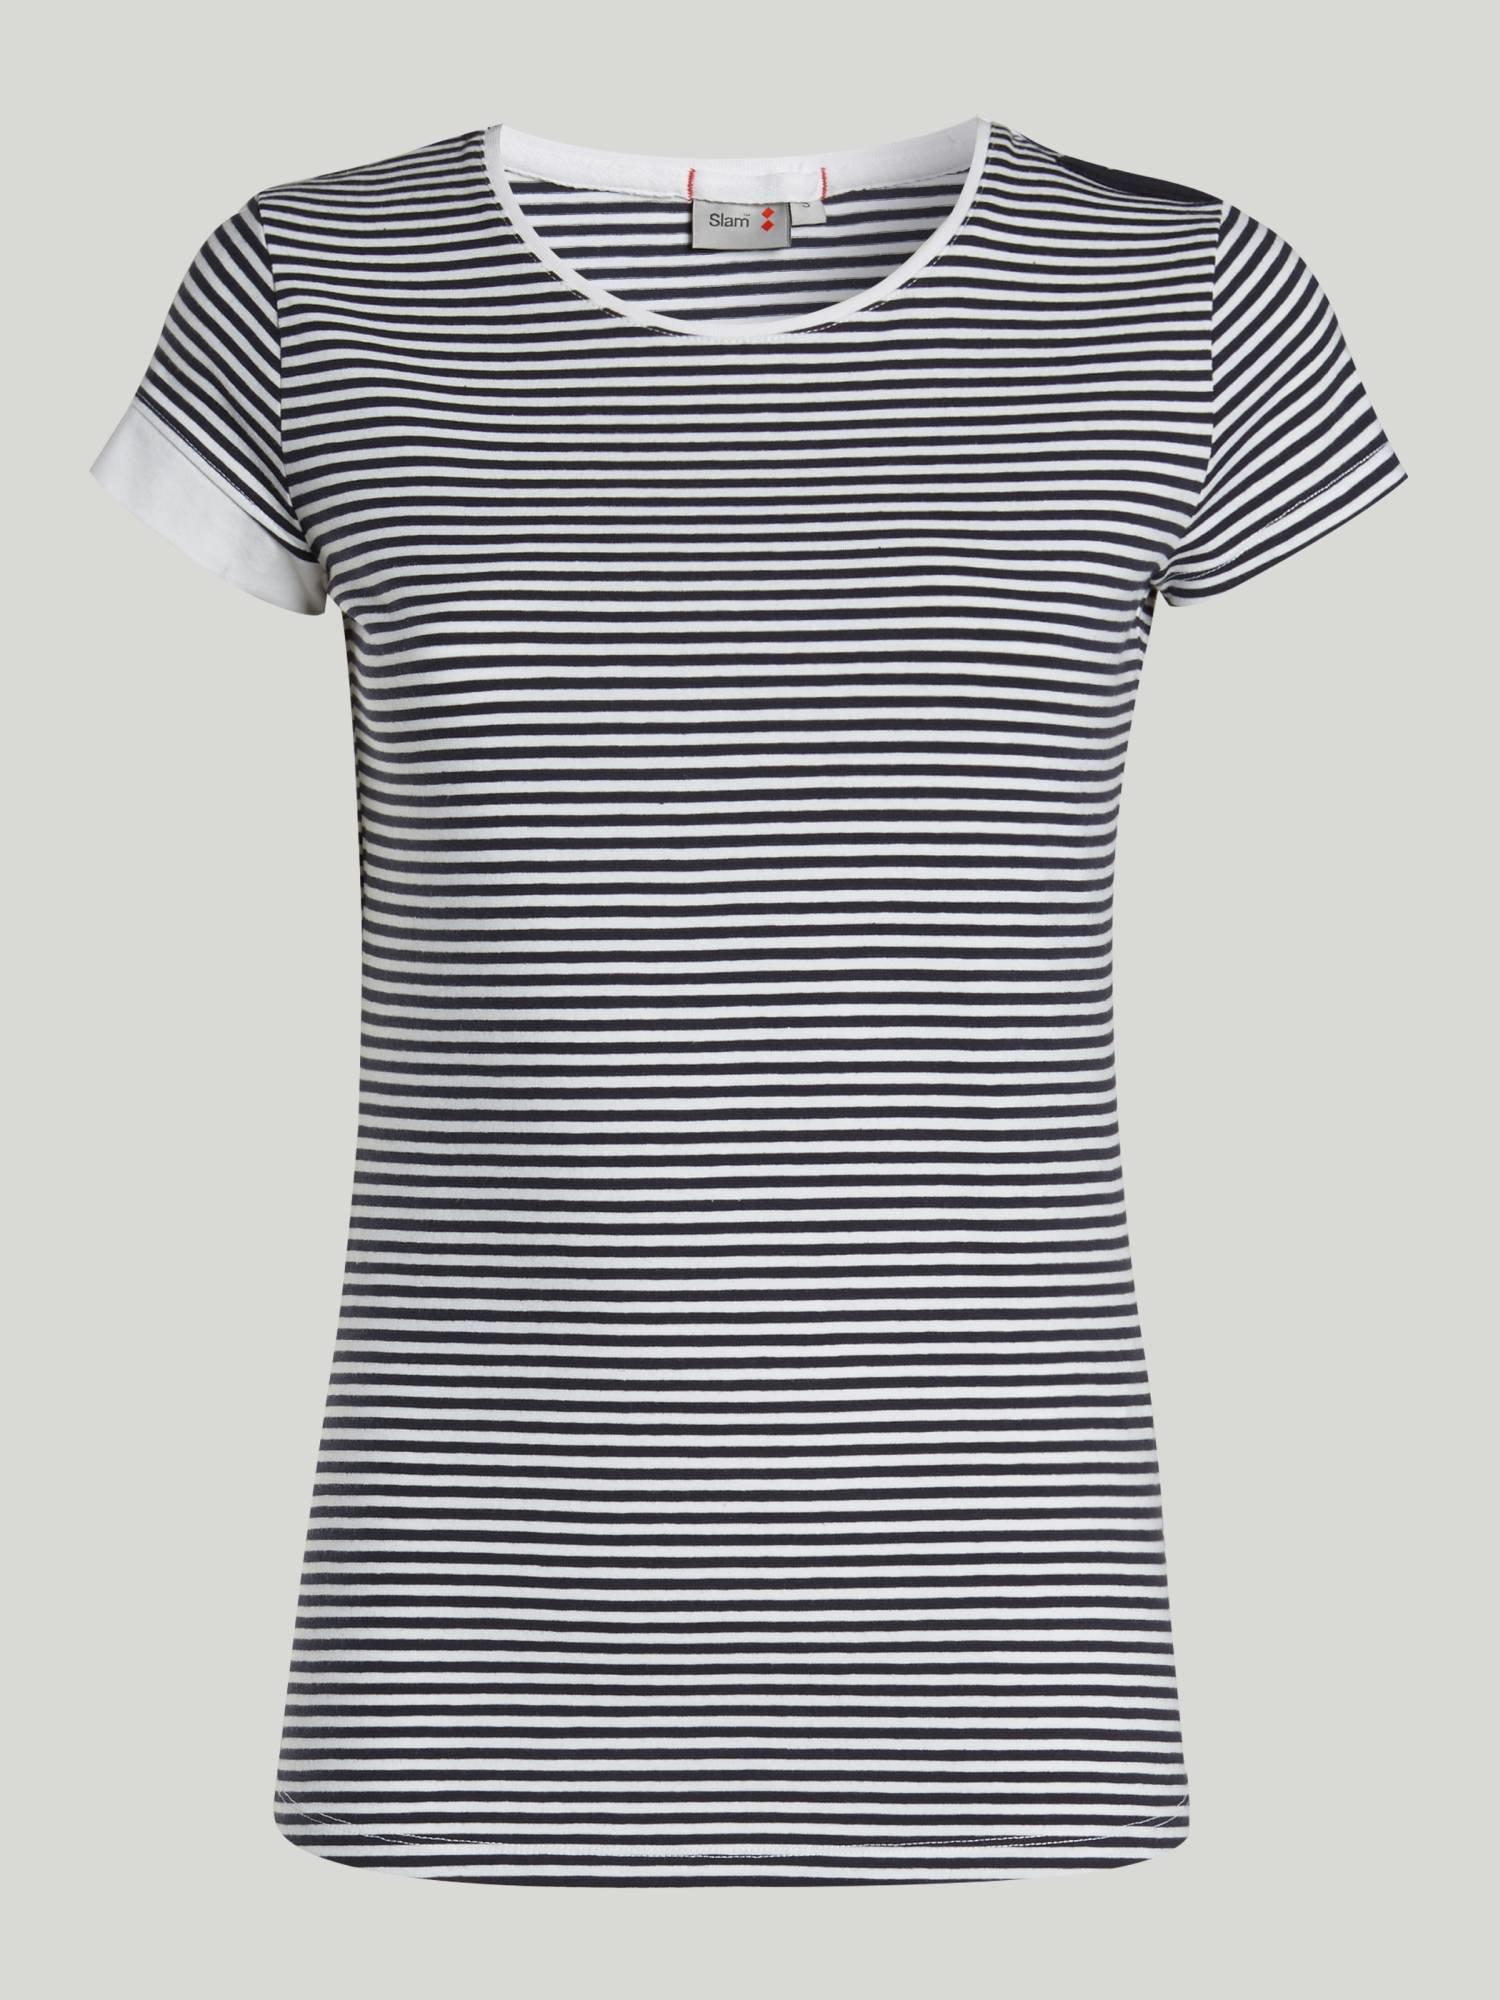 T-Shirt A119 - Navy / Bianco